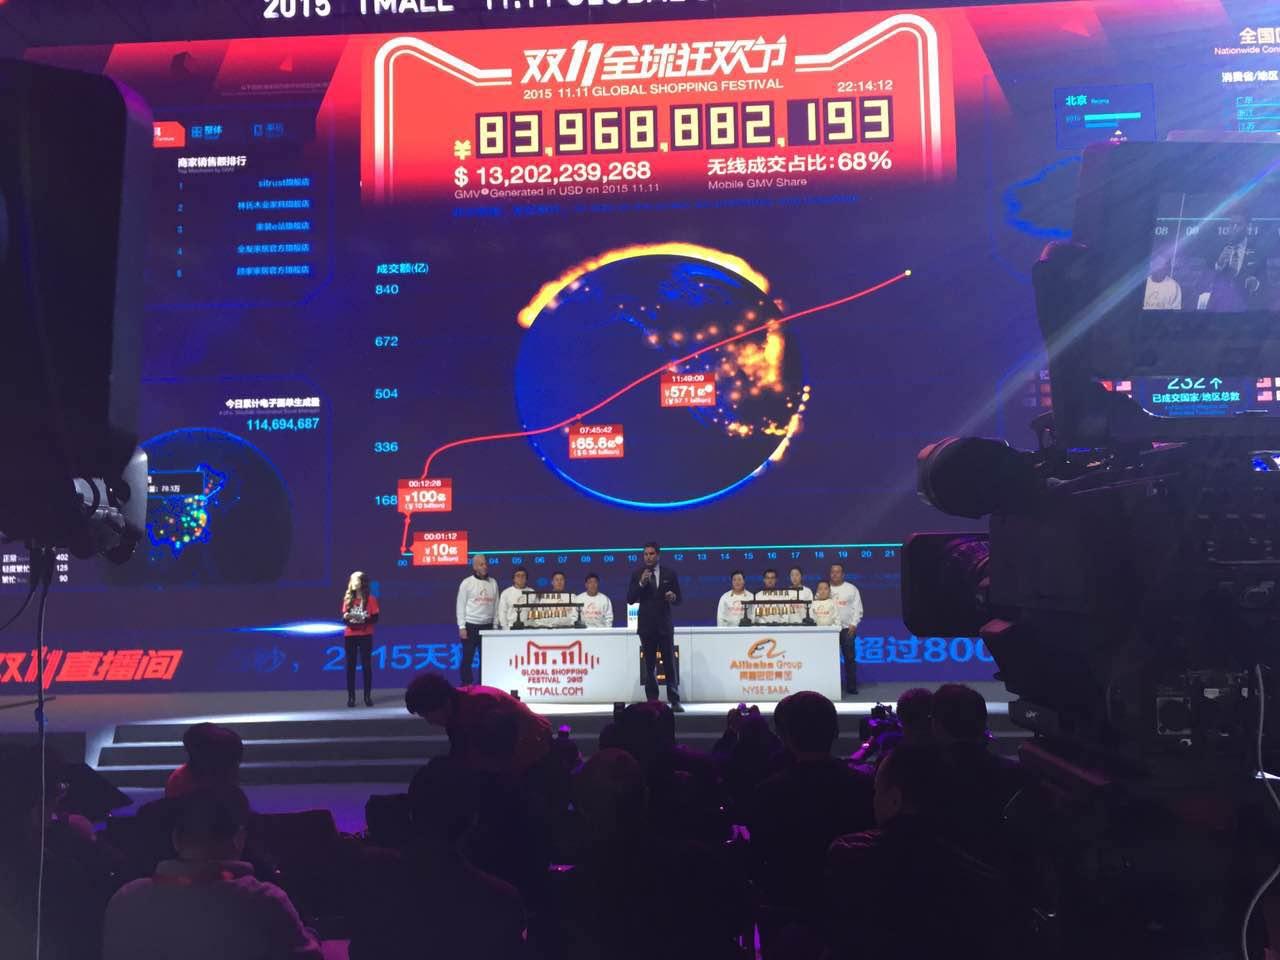 2015年双十一:天猫总交易额912亿!阿里还要办年货节